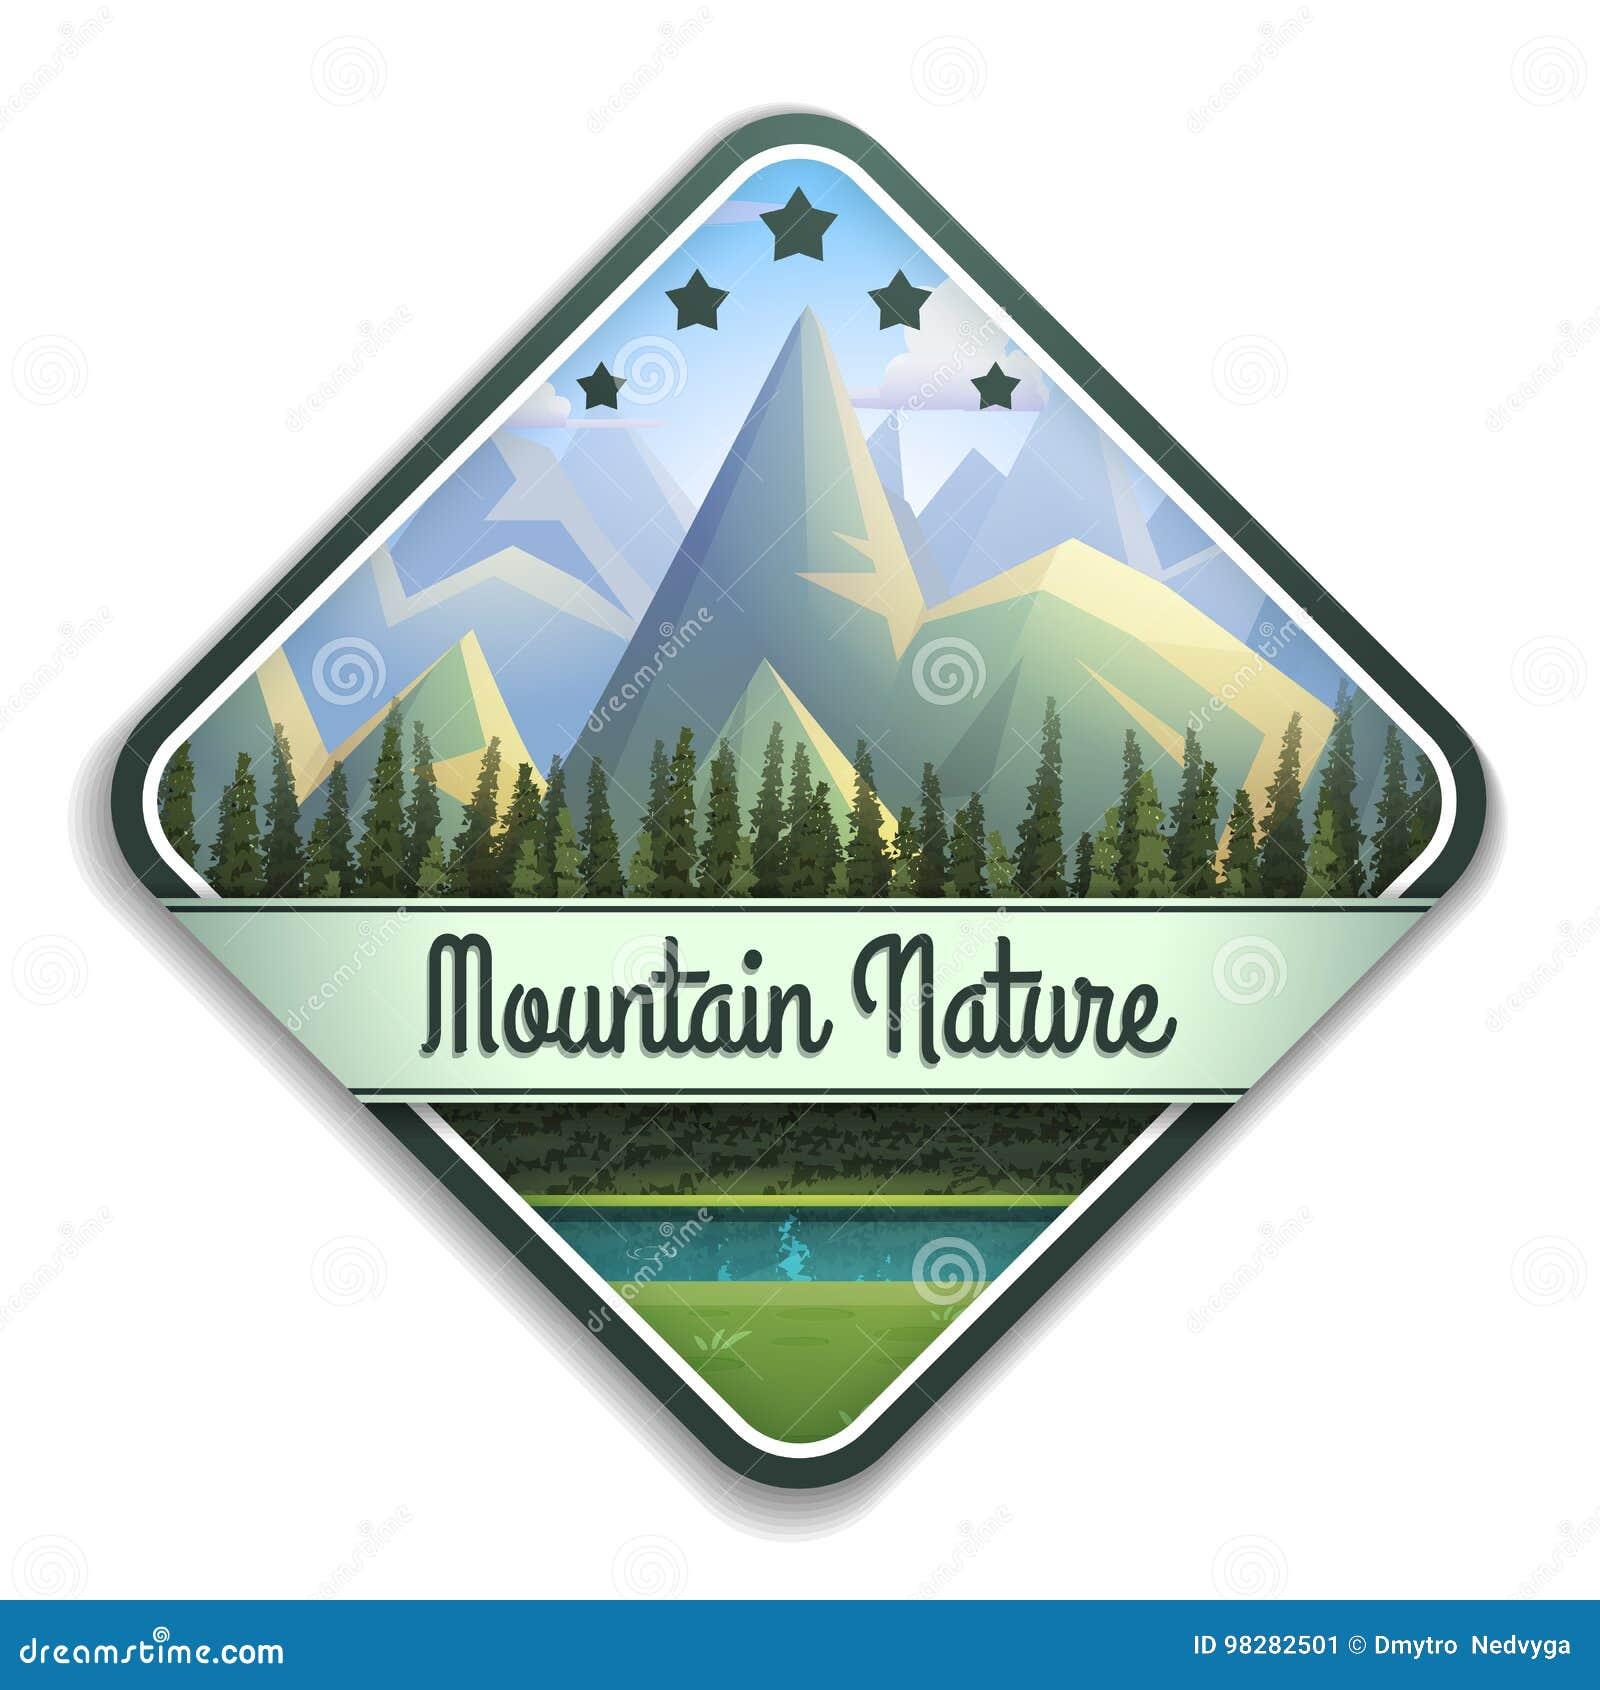 Emblema de la naturaleza del paisaje de la montaña con el río y el bosque conífero aislados en el fondo blanco